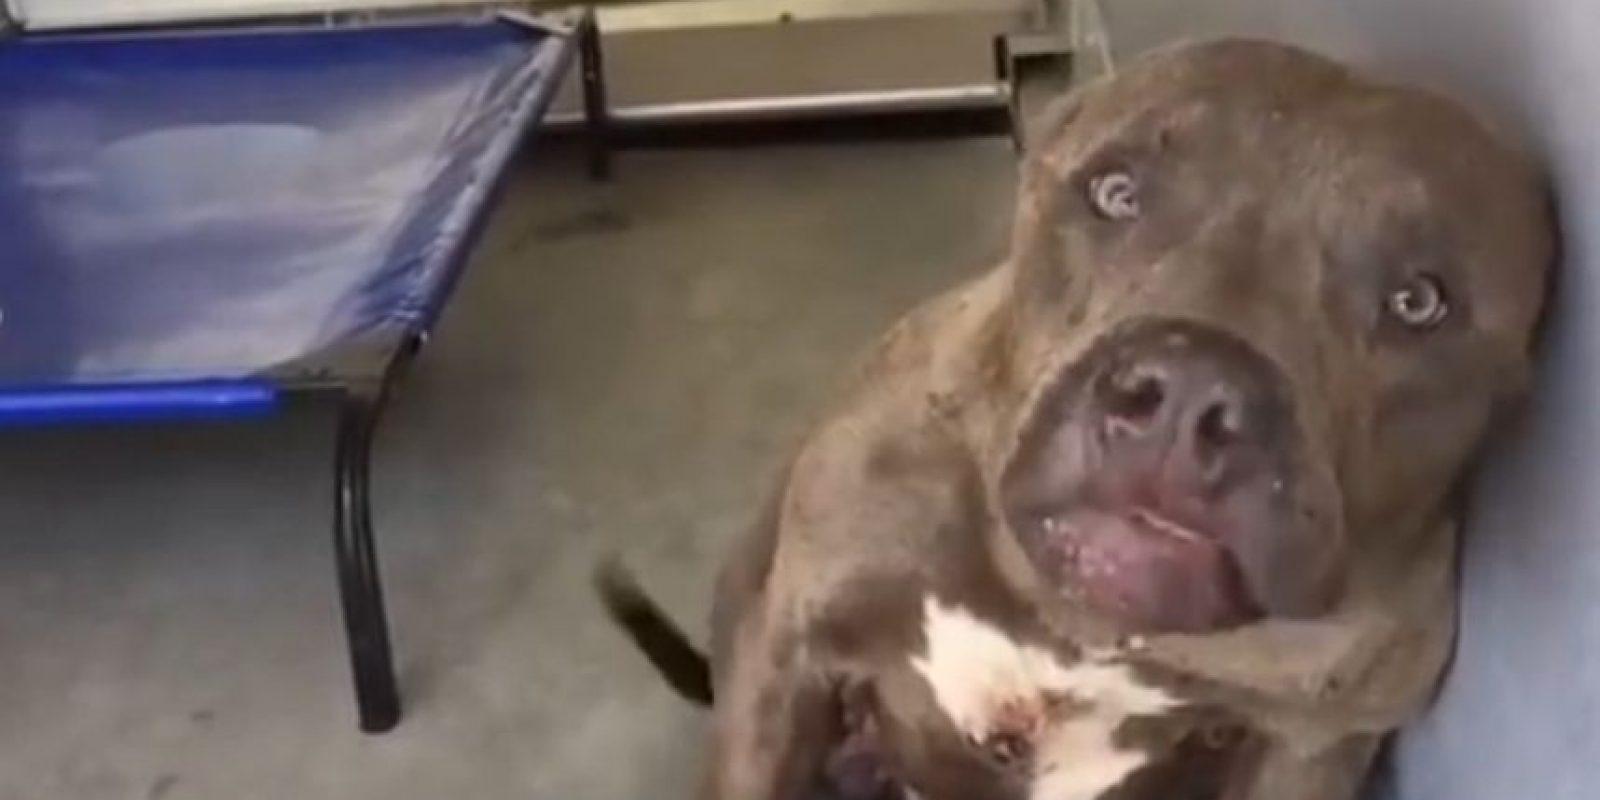 Las peleas de perros son un tipo de maltrato animal. Foto:Vía Youtube